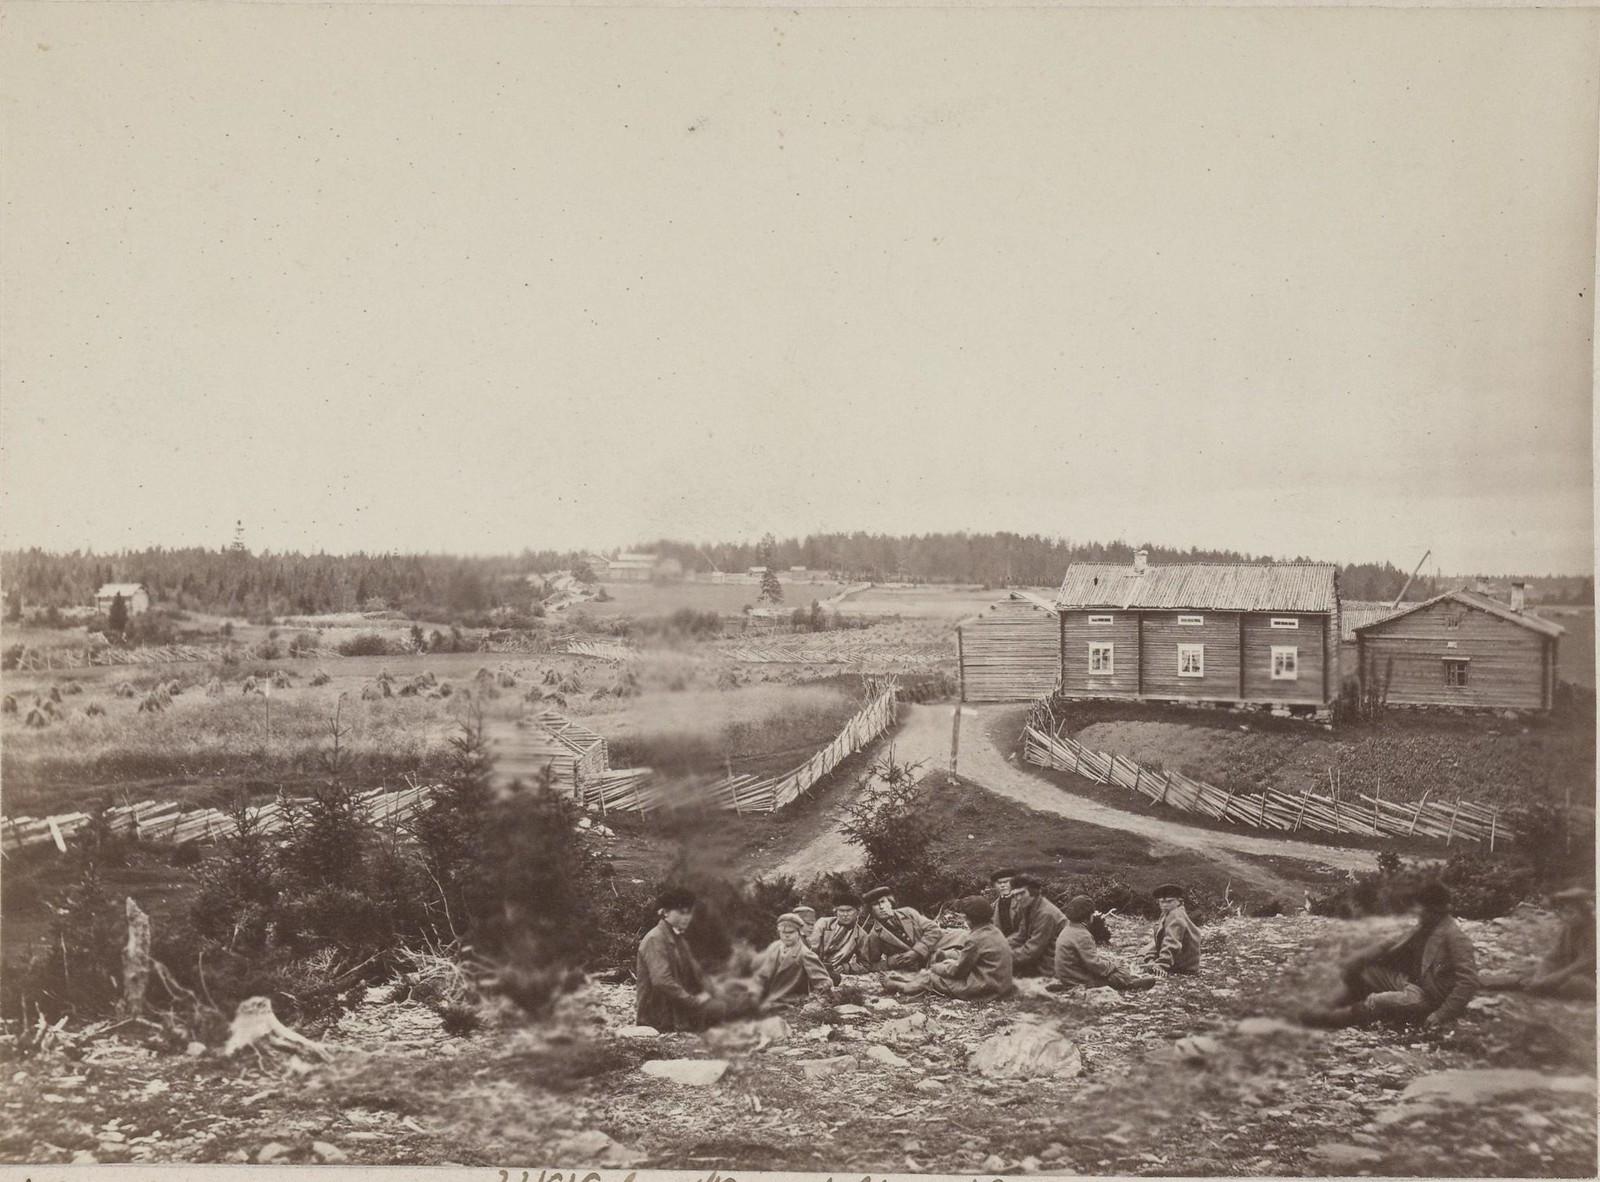 21. 1867. Уккола. Северная Финляндия